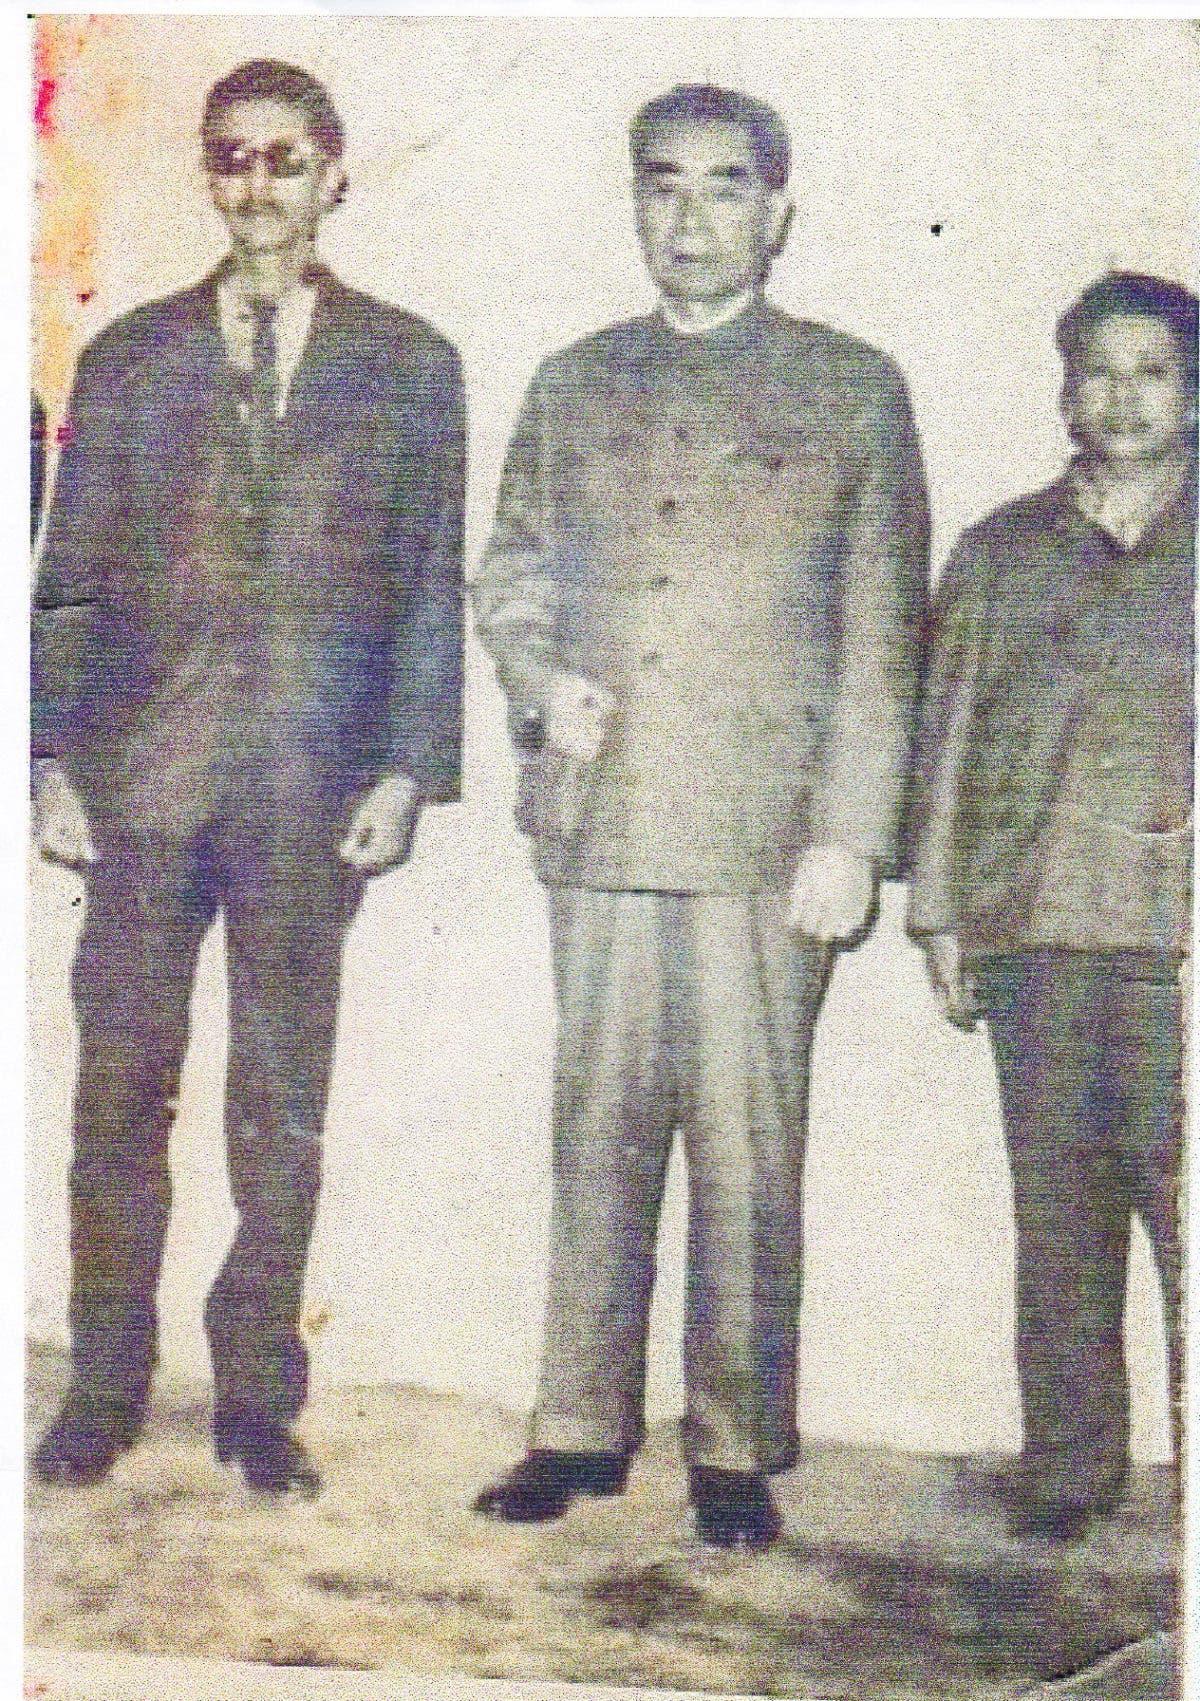 LOS CIEN AÑOS DEL PARTIDO COMUNISTA DE CHINA